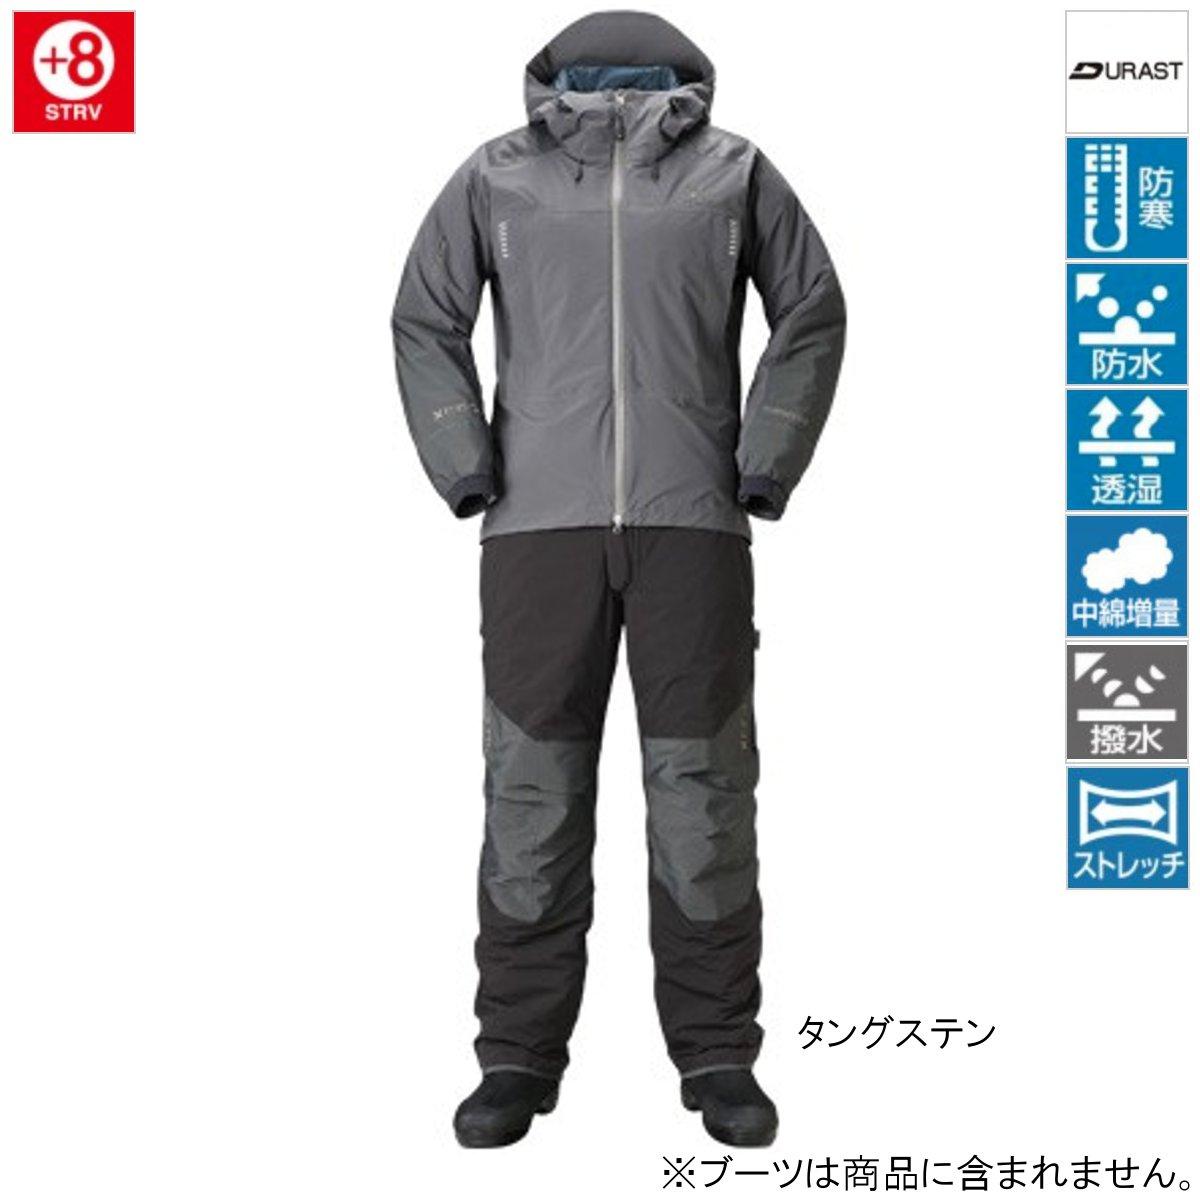 【期間限定50%OFF】シマノ スーツ RB-224Rタングステン XL【訳あり 売り尽し】 akafuda